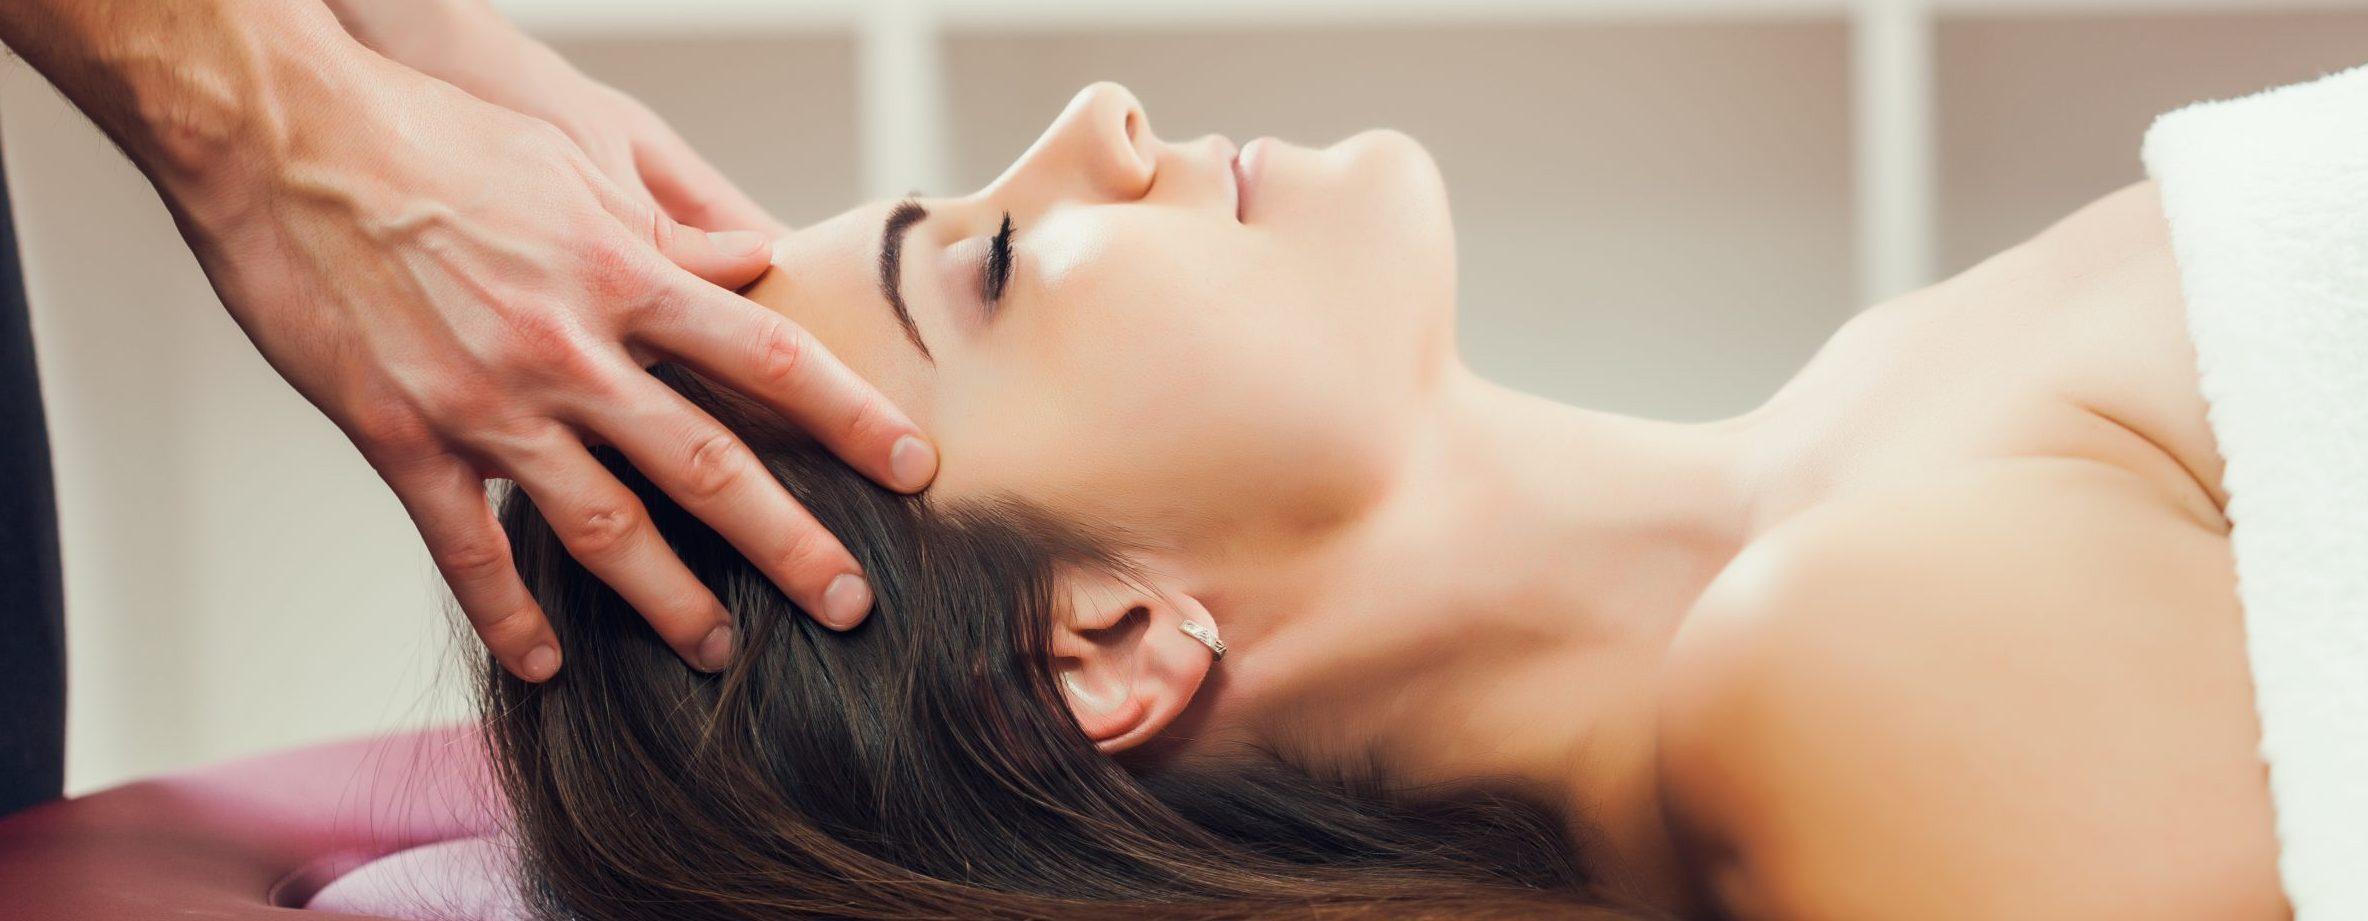 Massage Hausbesuche in Bonn und Umgebung